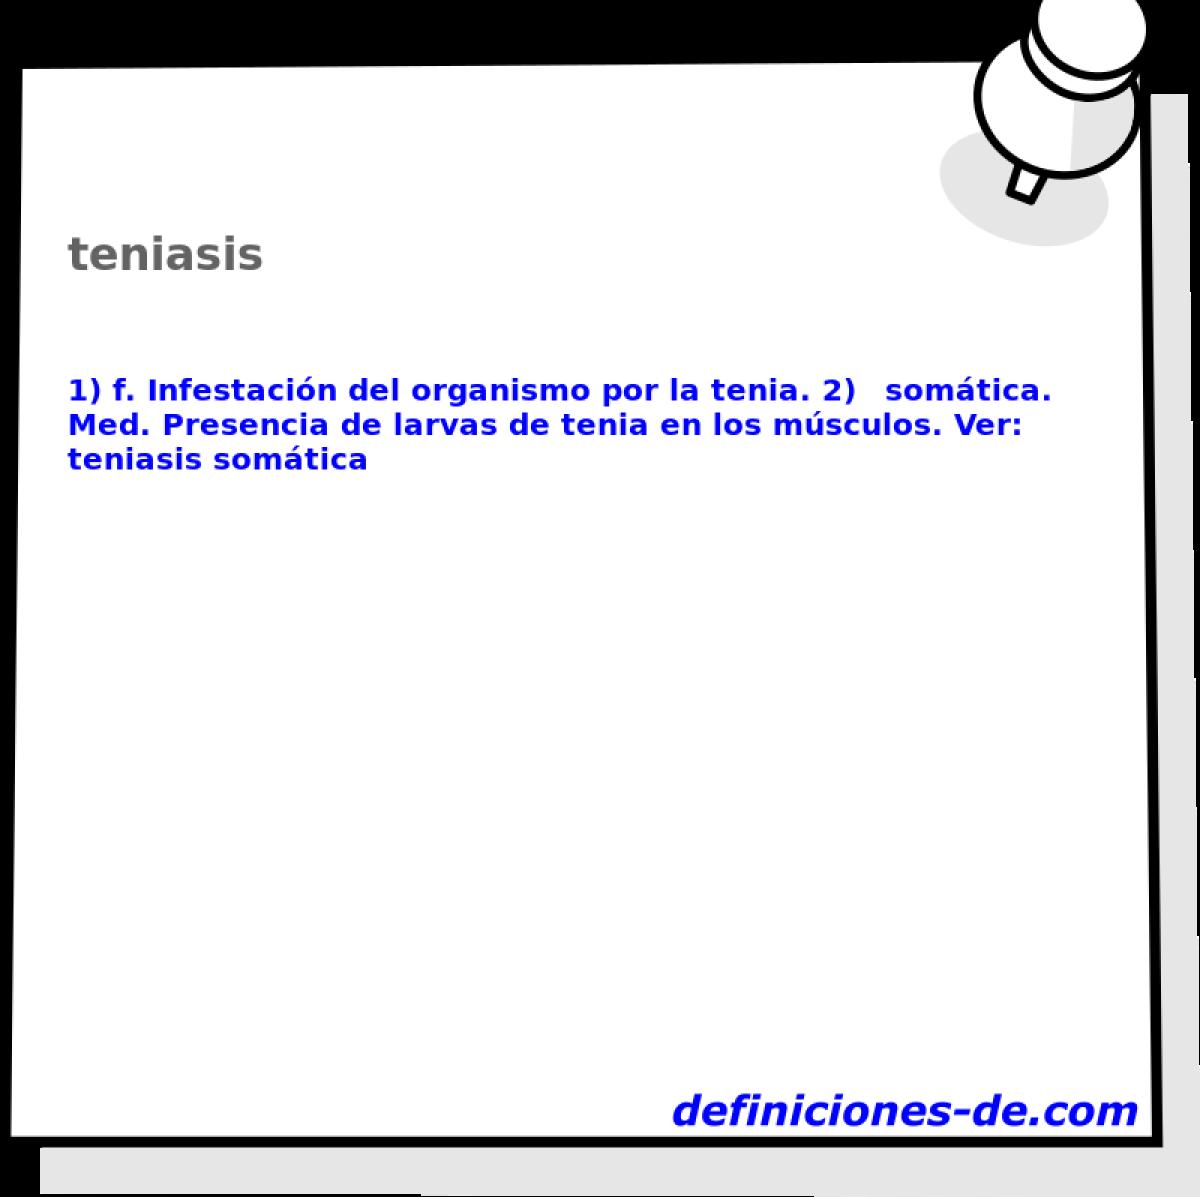 Qué significa Teniasis?